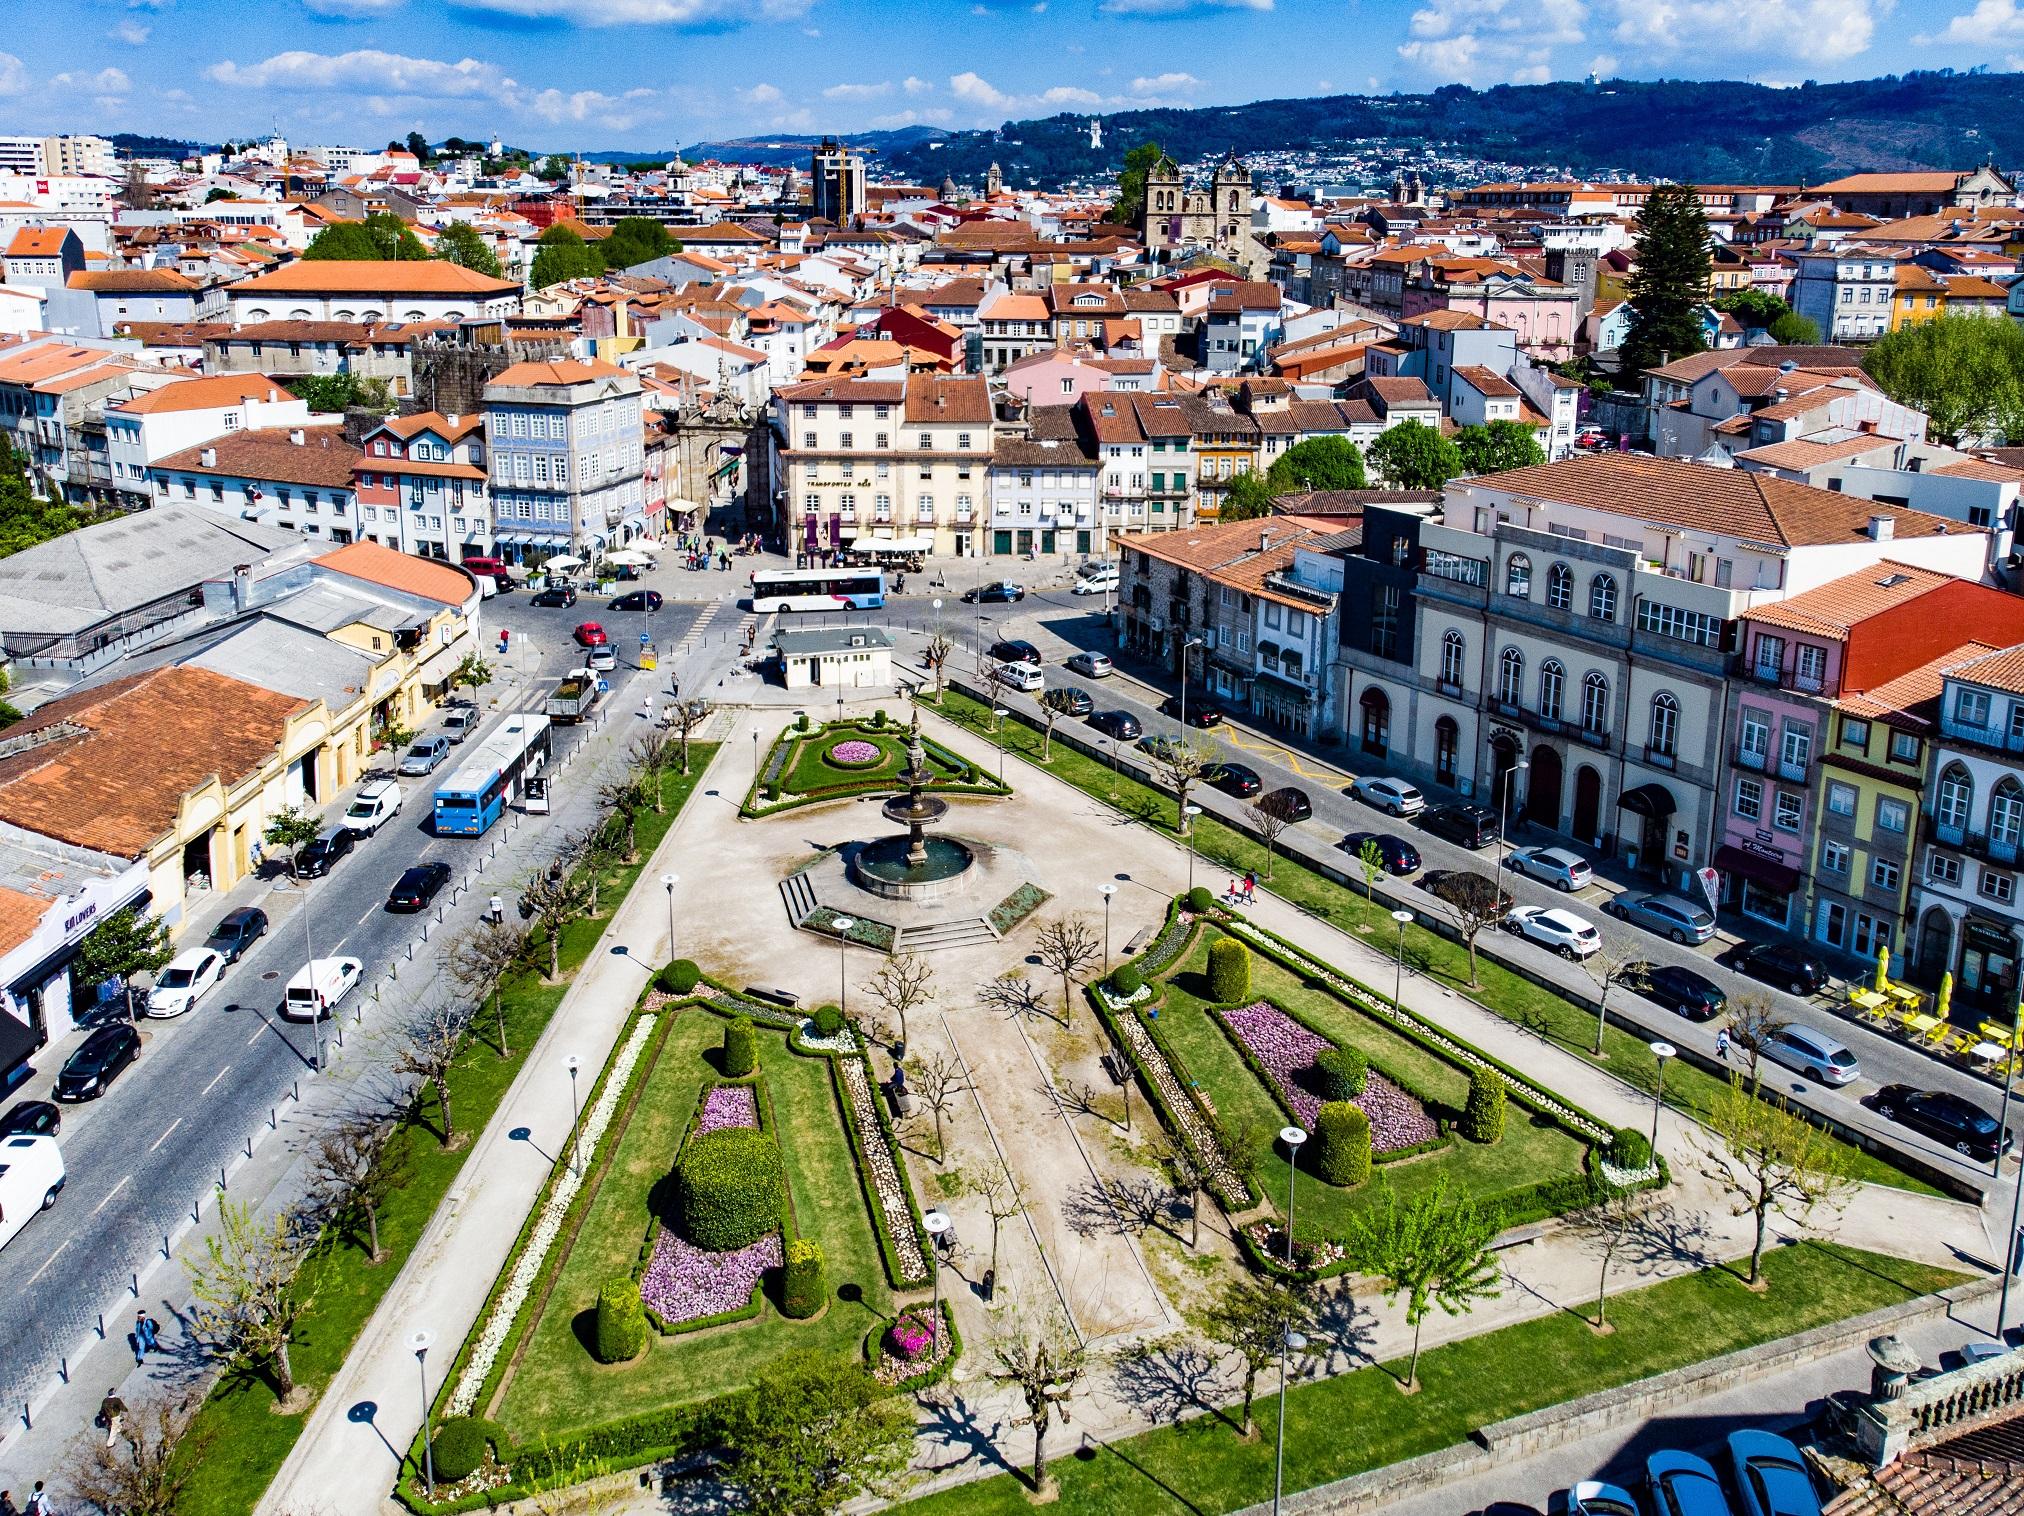 Braga assinala Semana do Clima com actividades de sensibilização